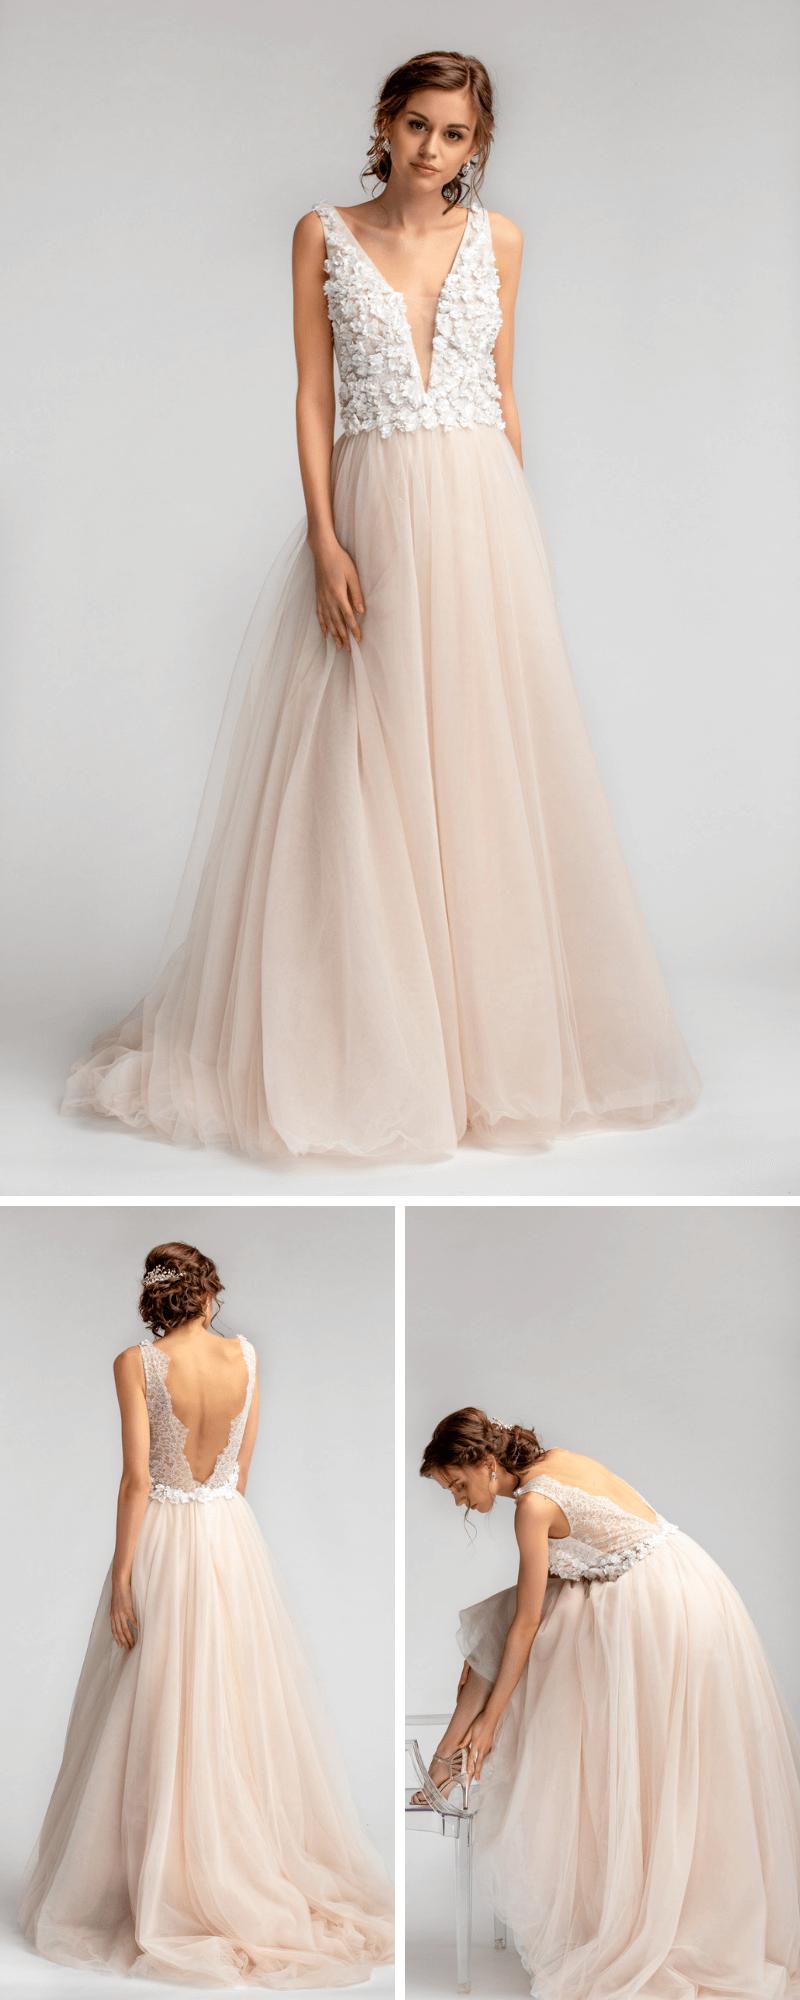 low priced 726e1 3d878 Fein und luftig: Brautkleider Trends für jeden Brauttyp ...